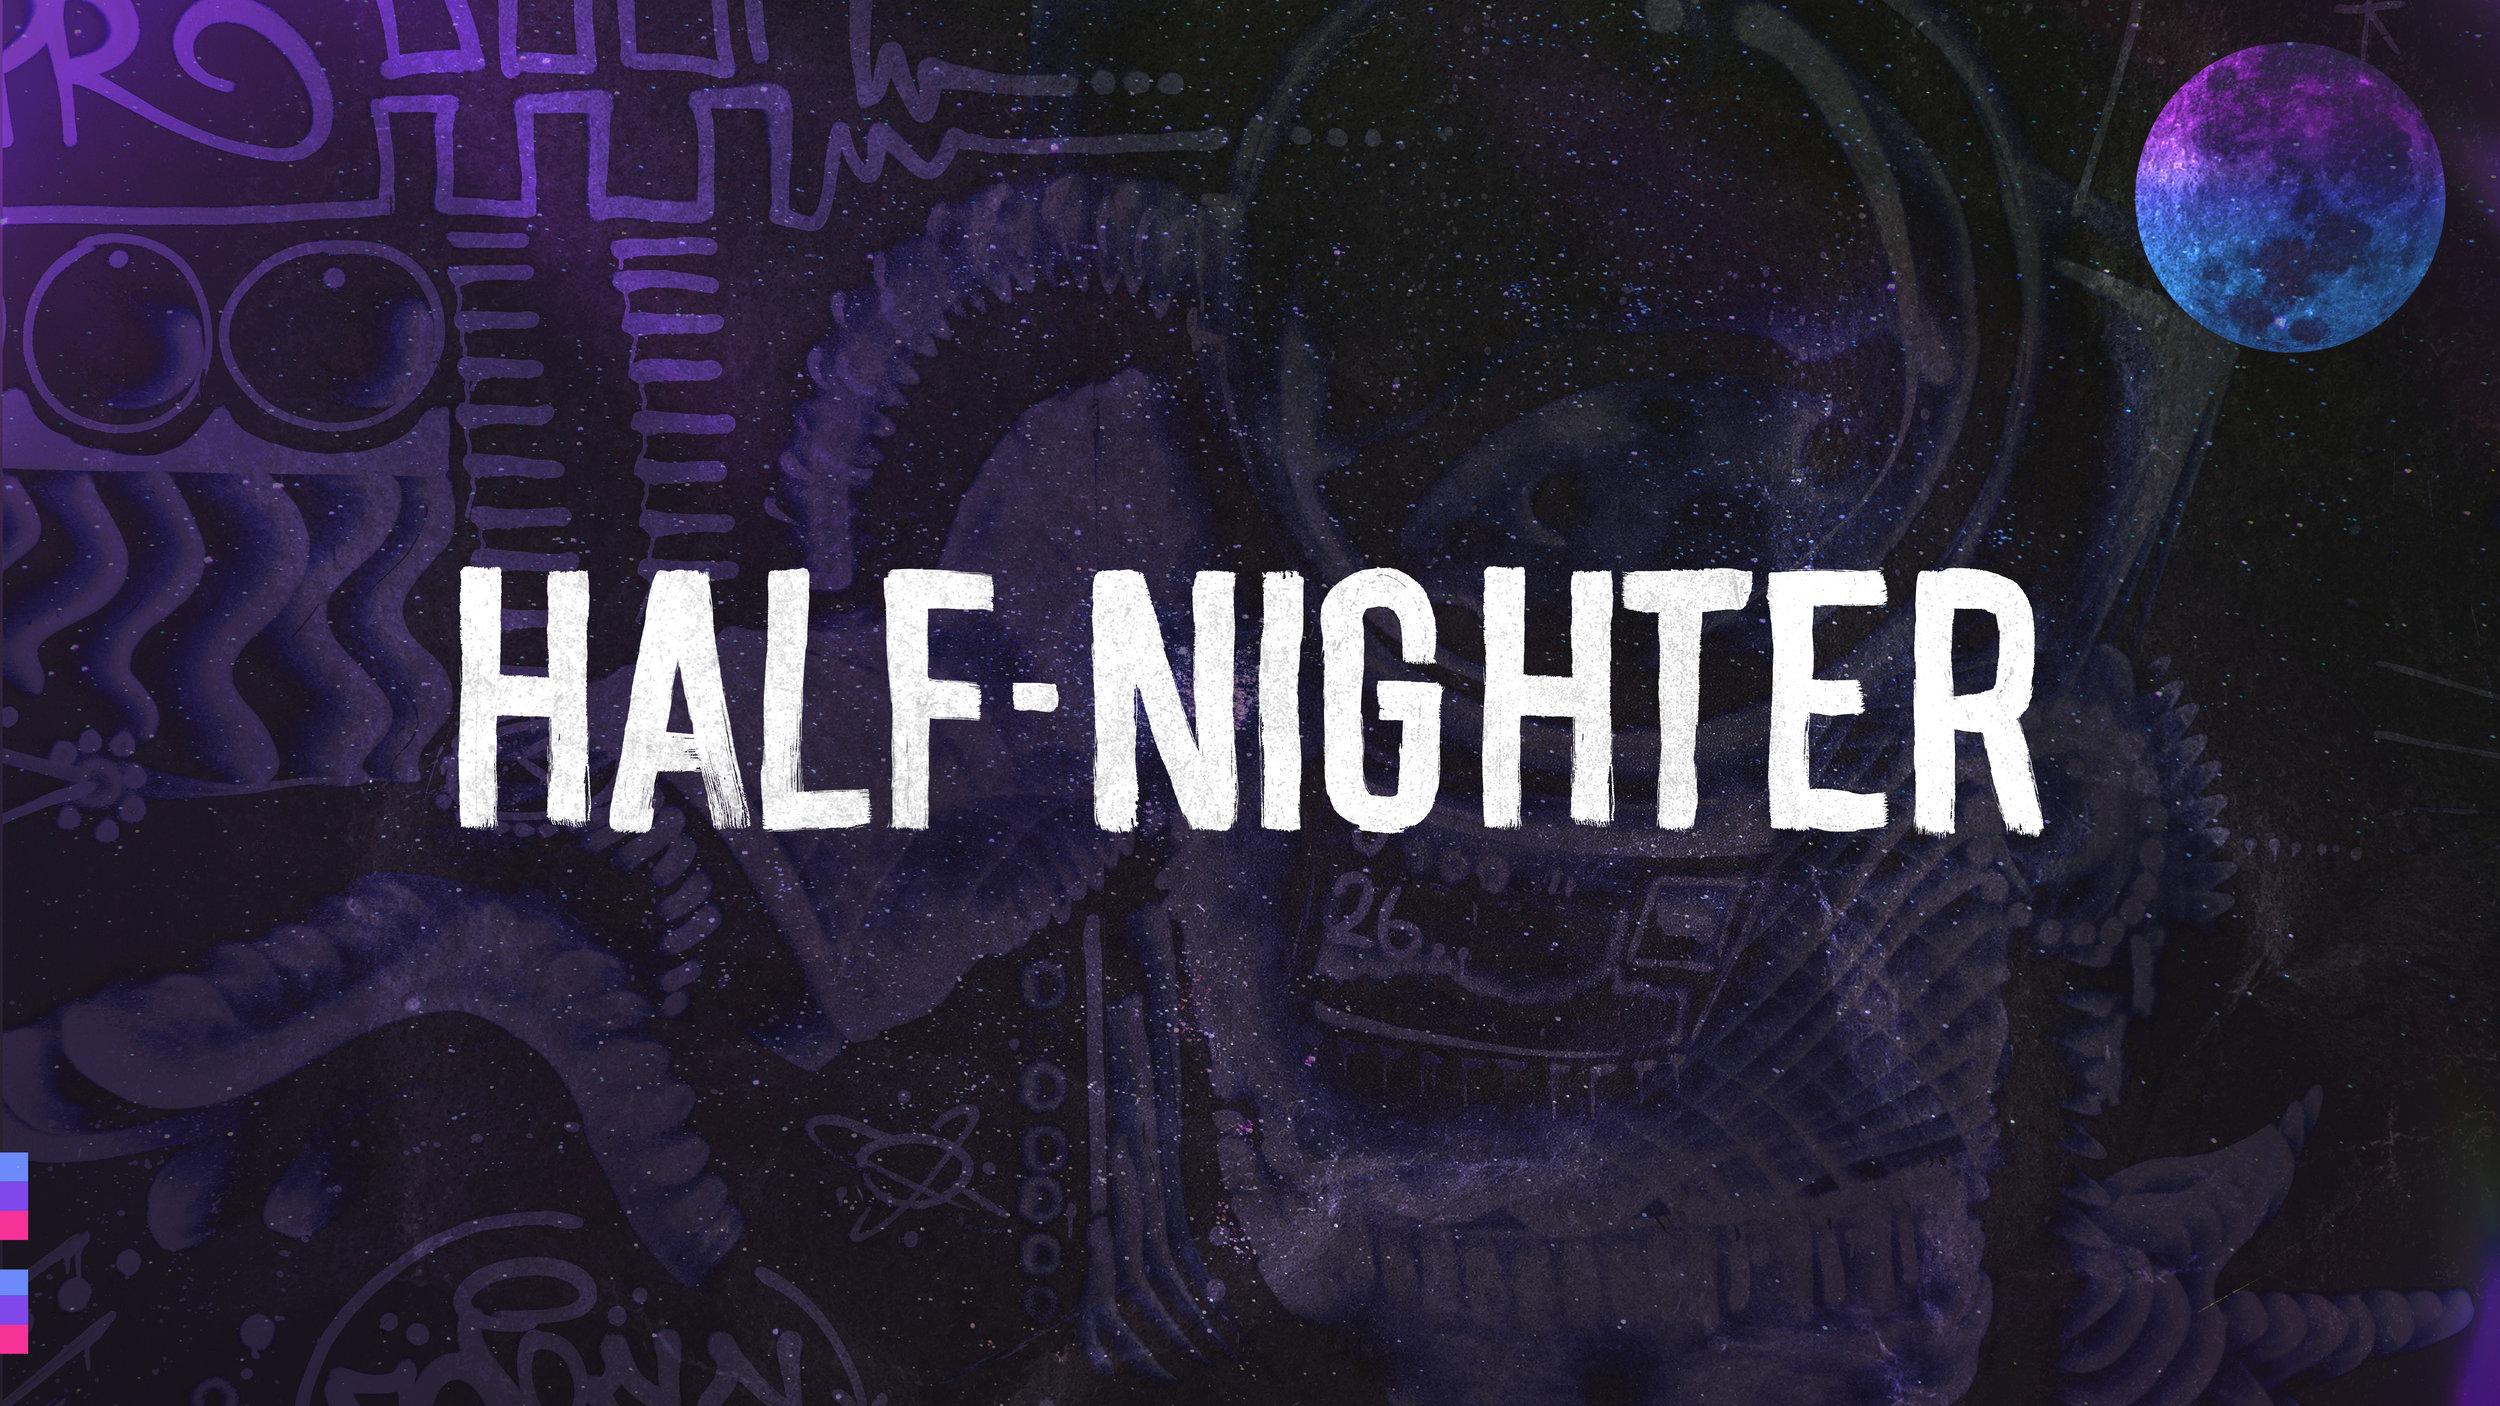 TitleSlide_H_Half-Nighter_GrowStudents.jpg